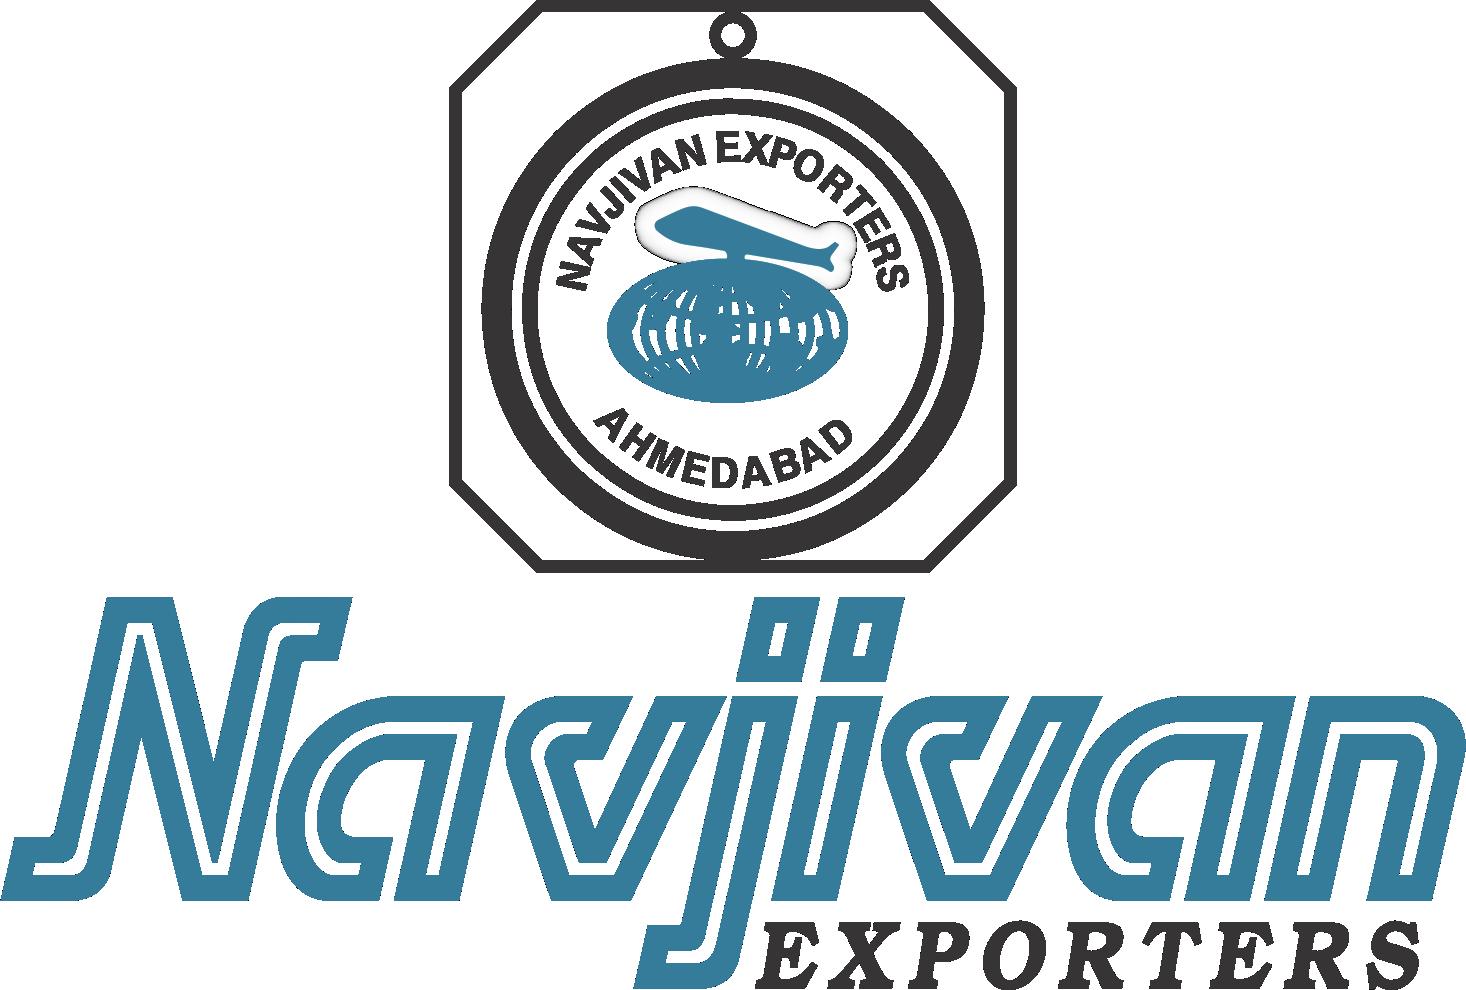 Navjivan Exporters